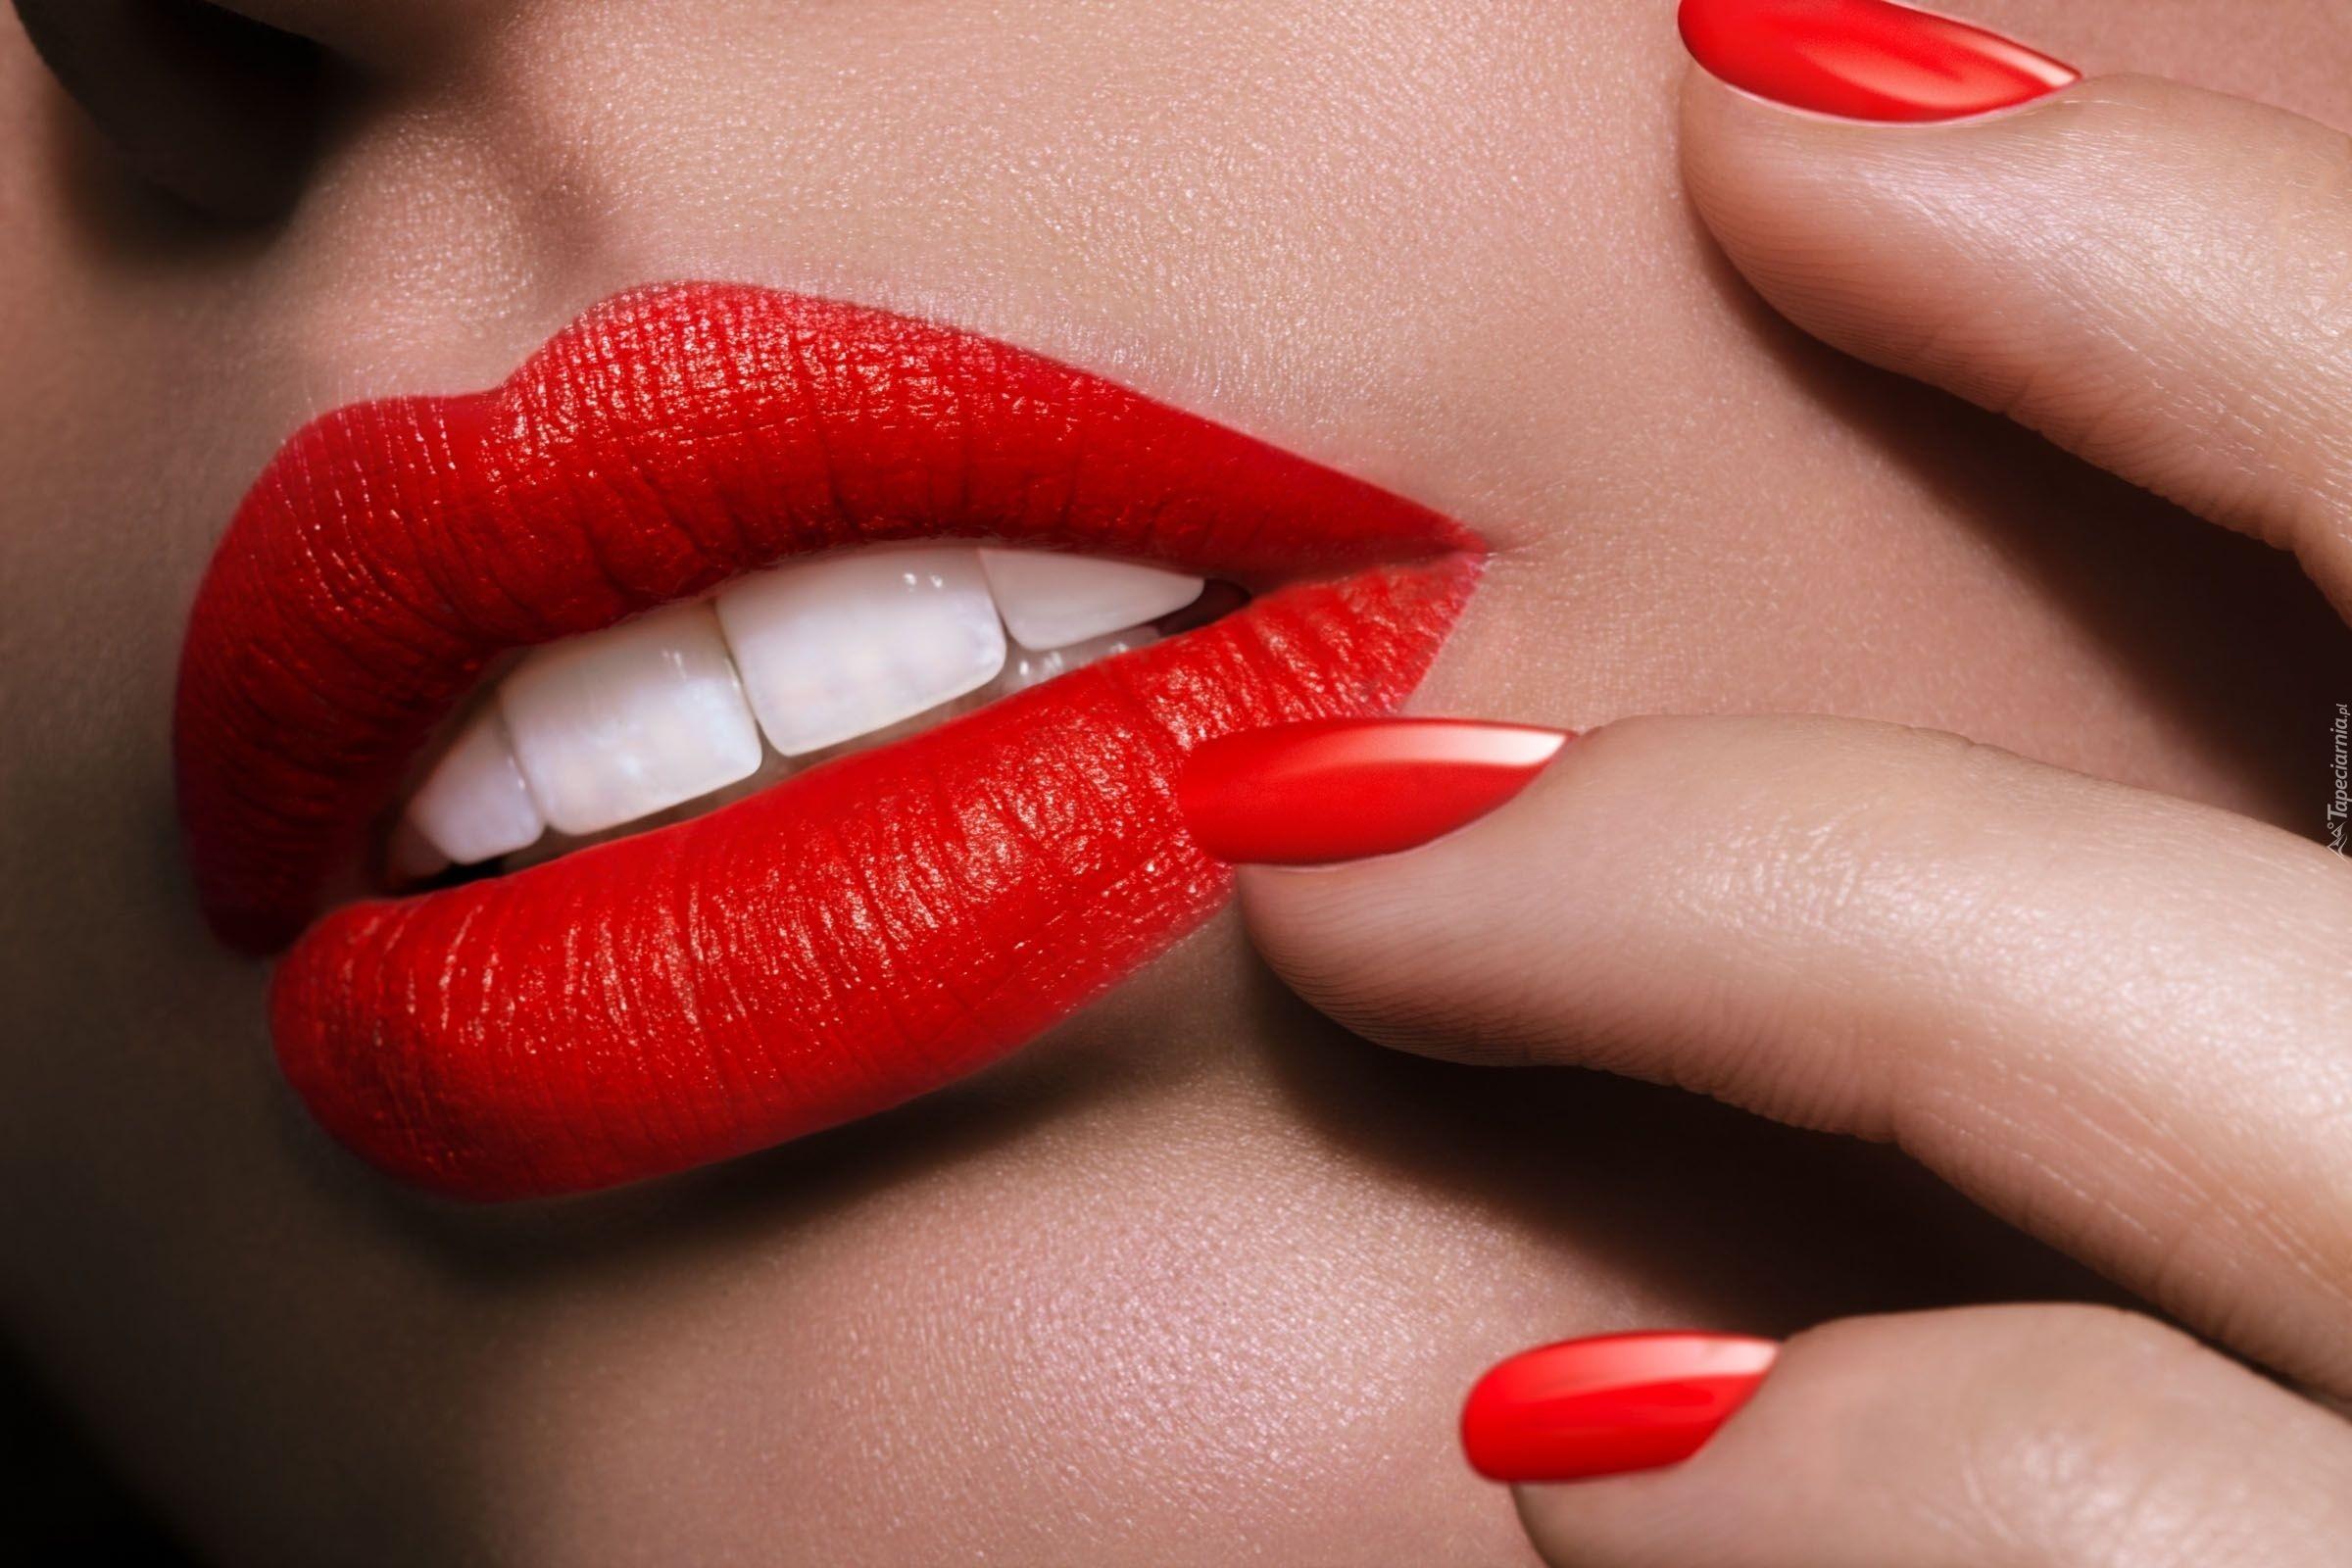 Kosmetyki w odcieniach czerwieni – dlaczego są ponadczasowe?